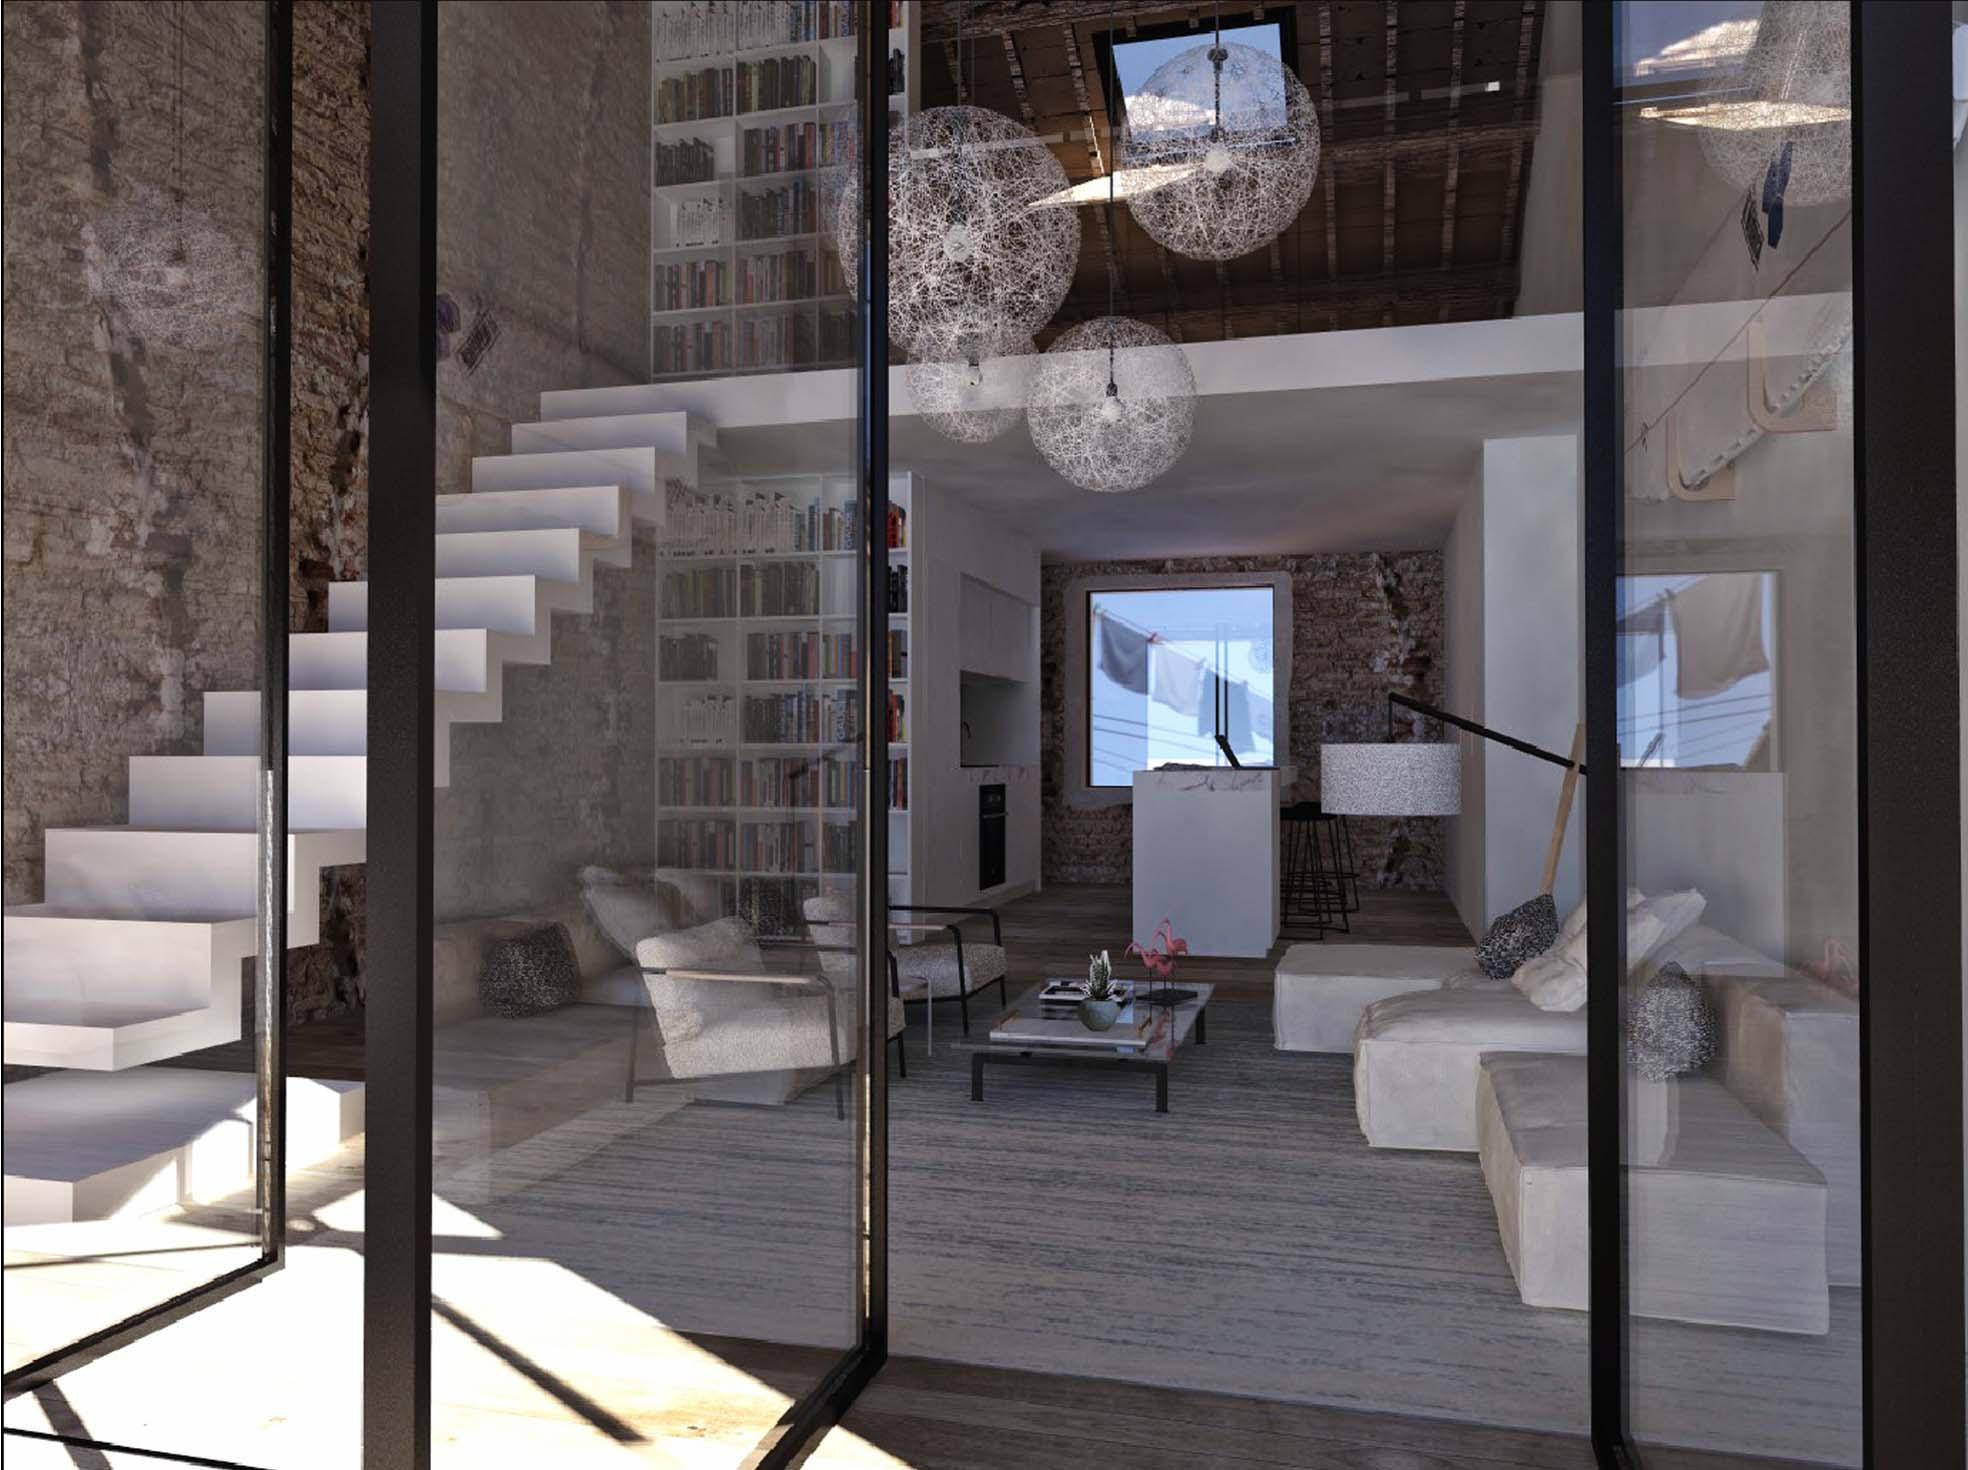 réhabilitation_rénovation_espace_architecture_aménagement_intérieur